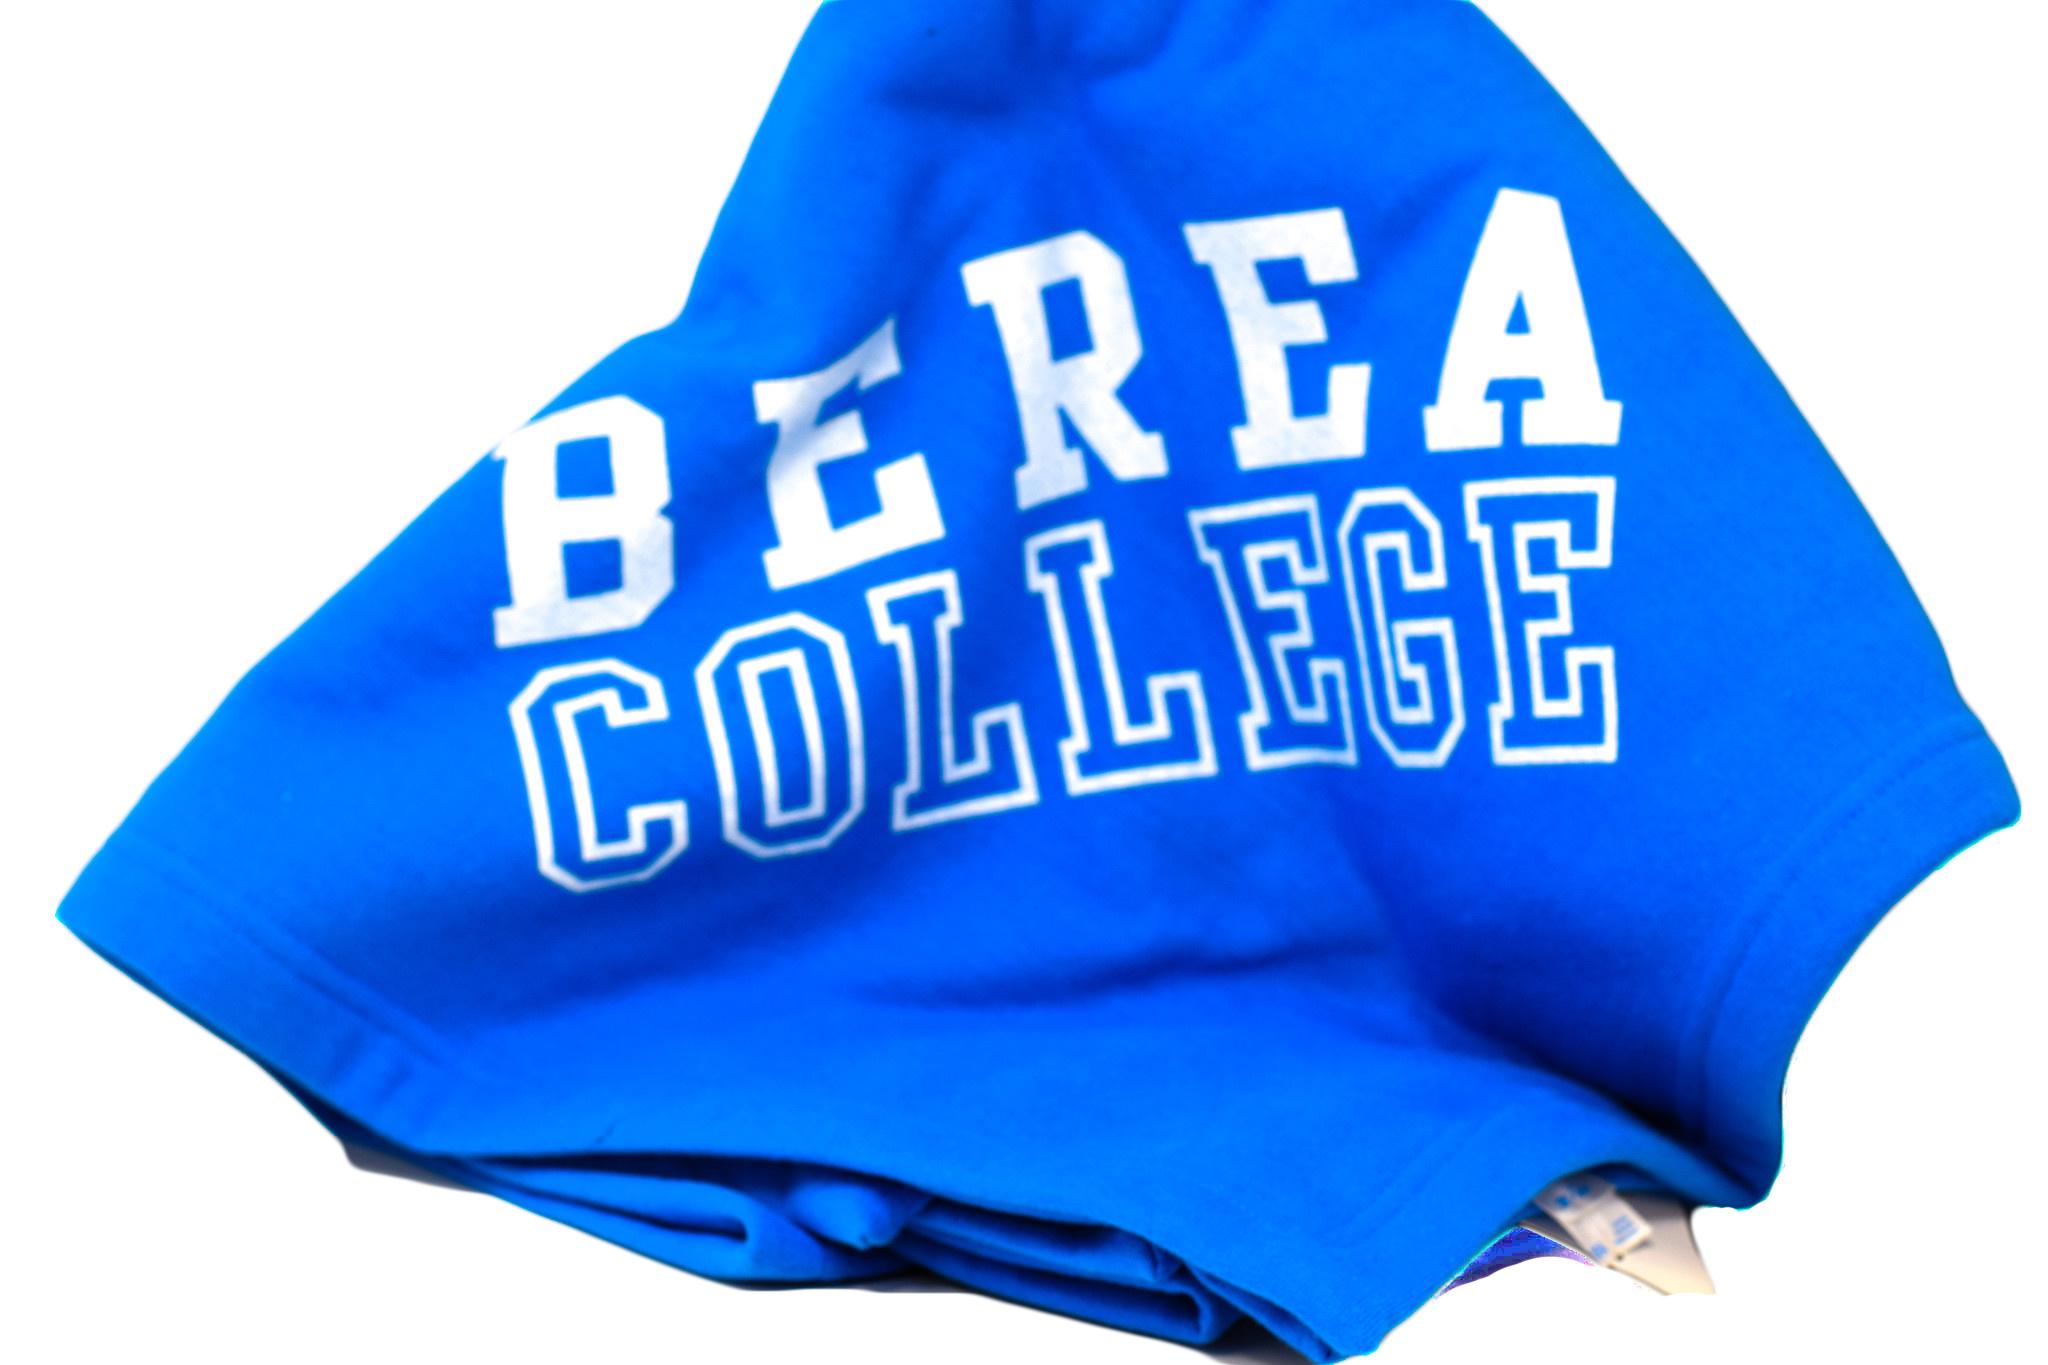 Blue Berea College Fleece Blanket-1